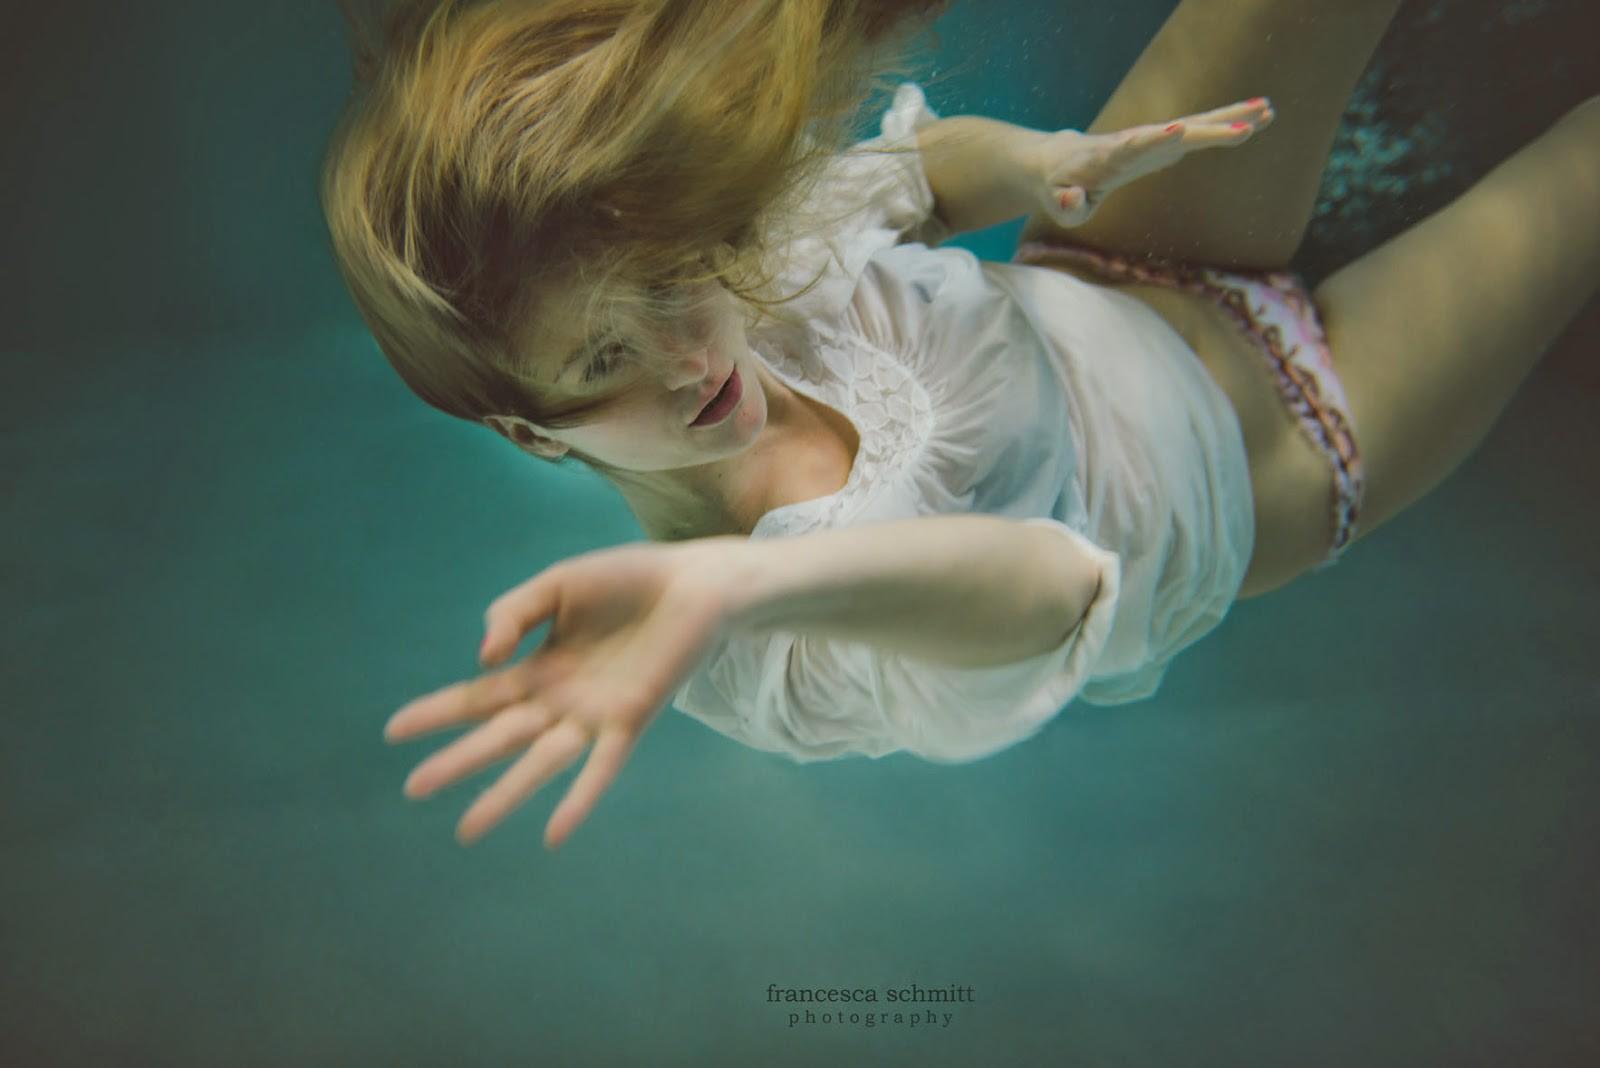 magazine-foto-pro-zhenshin-pod-vodoy-klipi